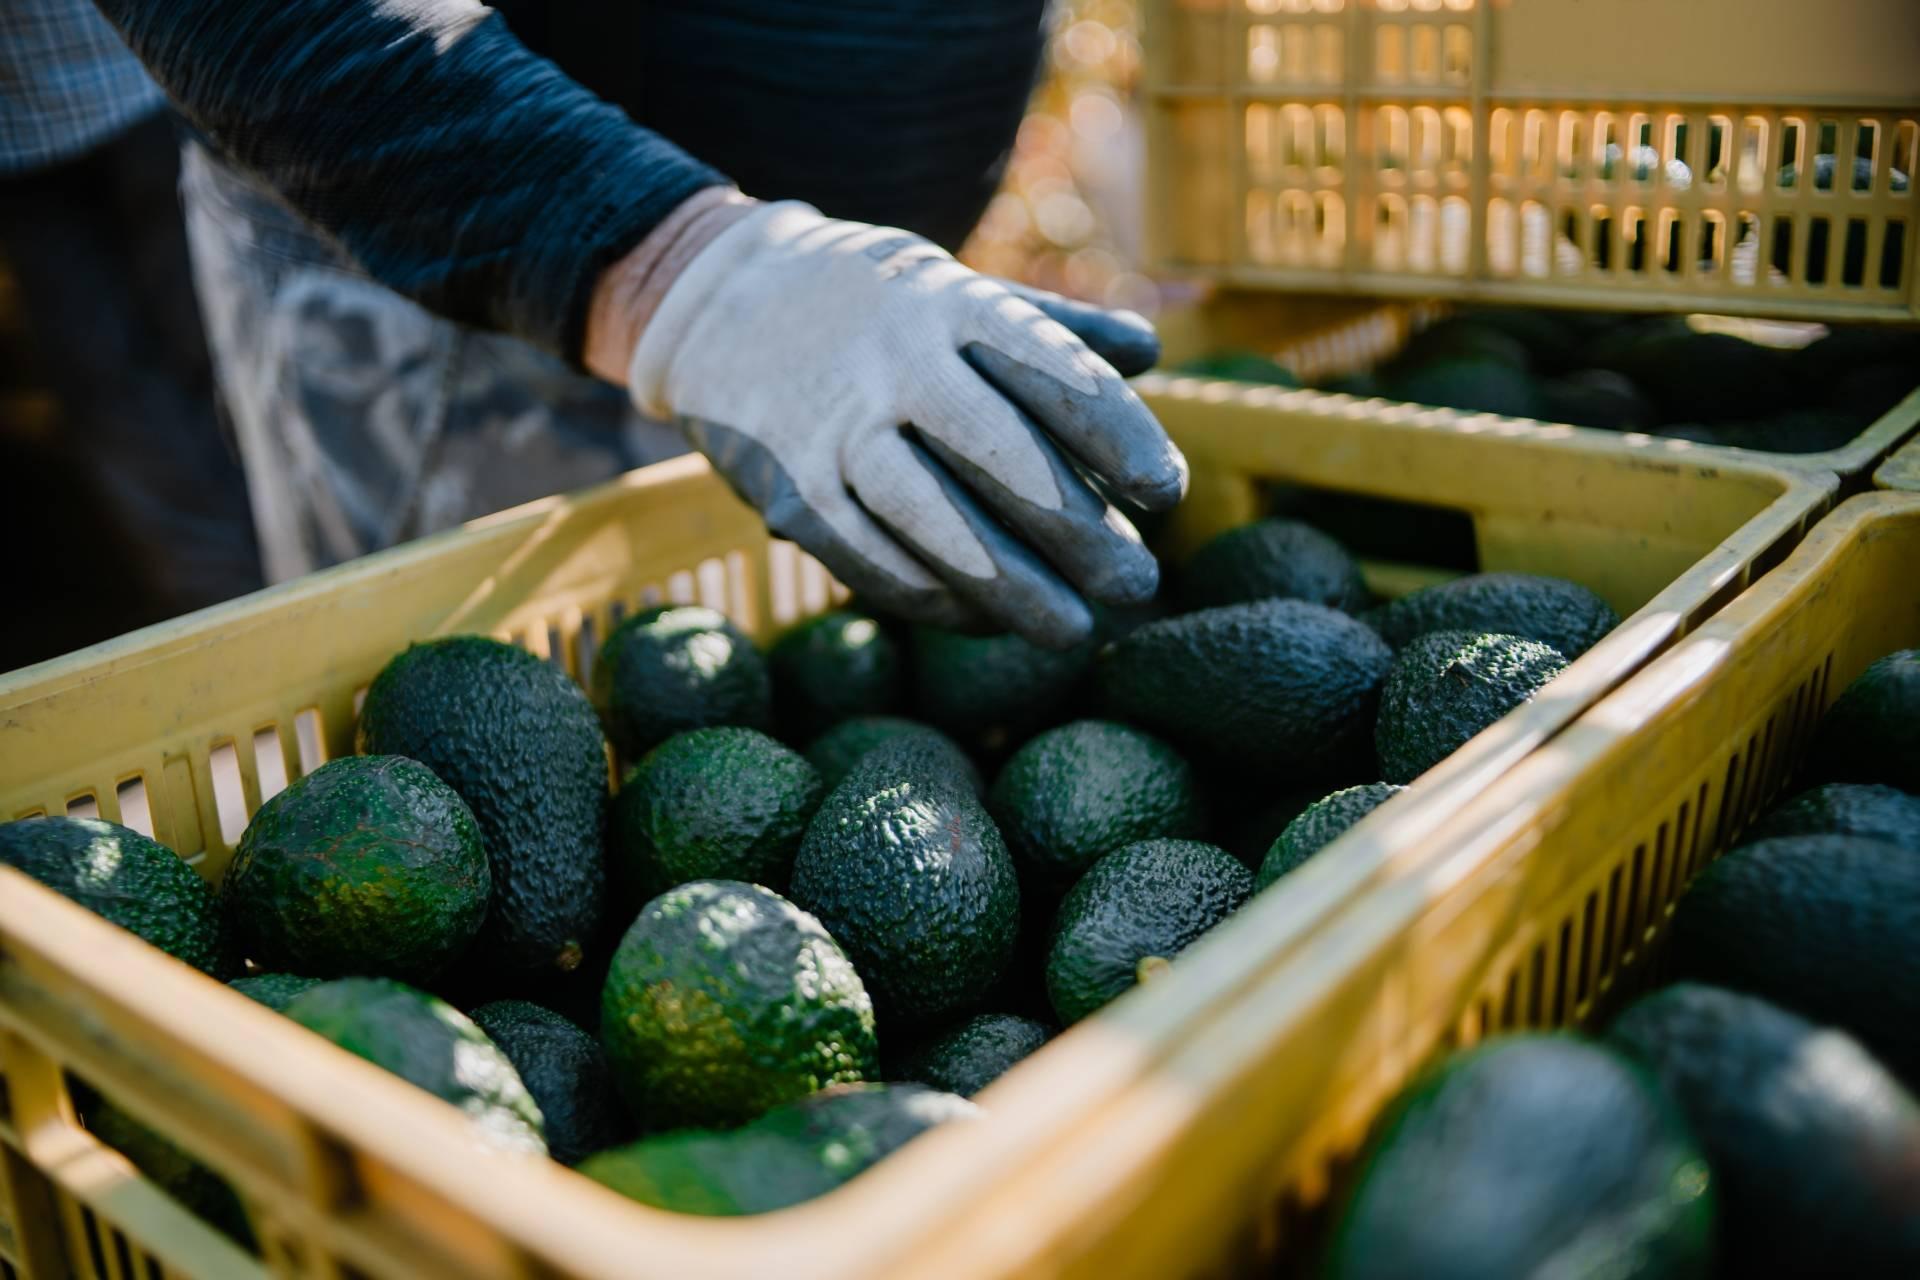 Awokado w skrzynkach gotowe do eksportu. Jak uprawa awokado wpływa na środowisko i życie rolników w Ameryce Południowej?